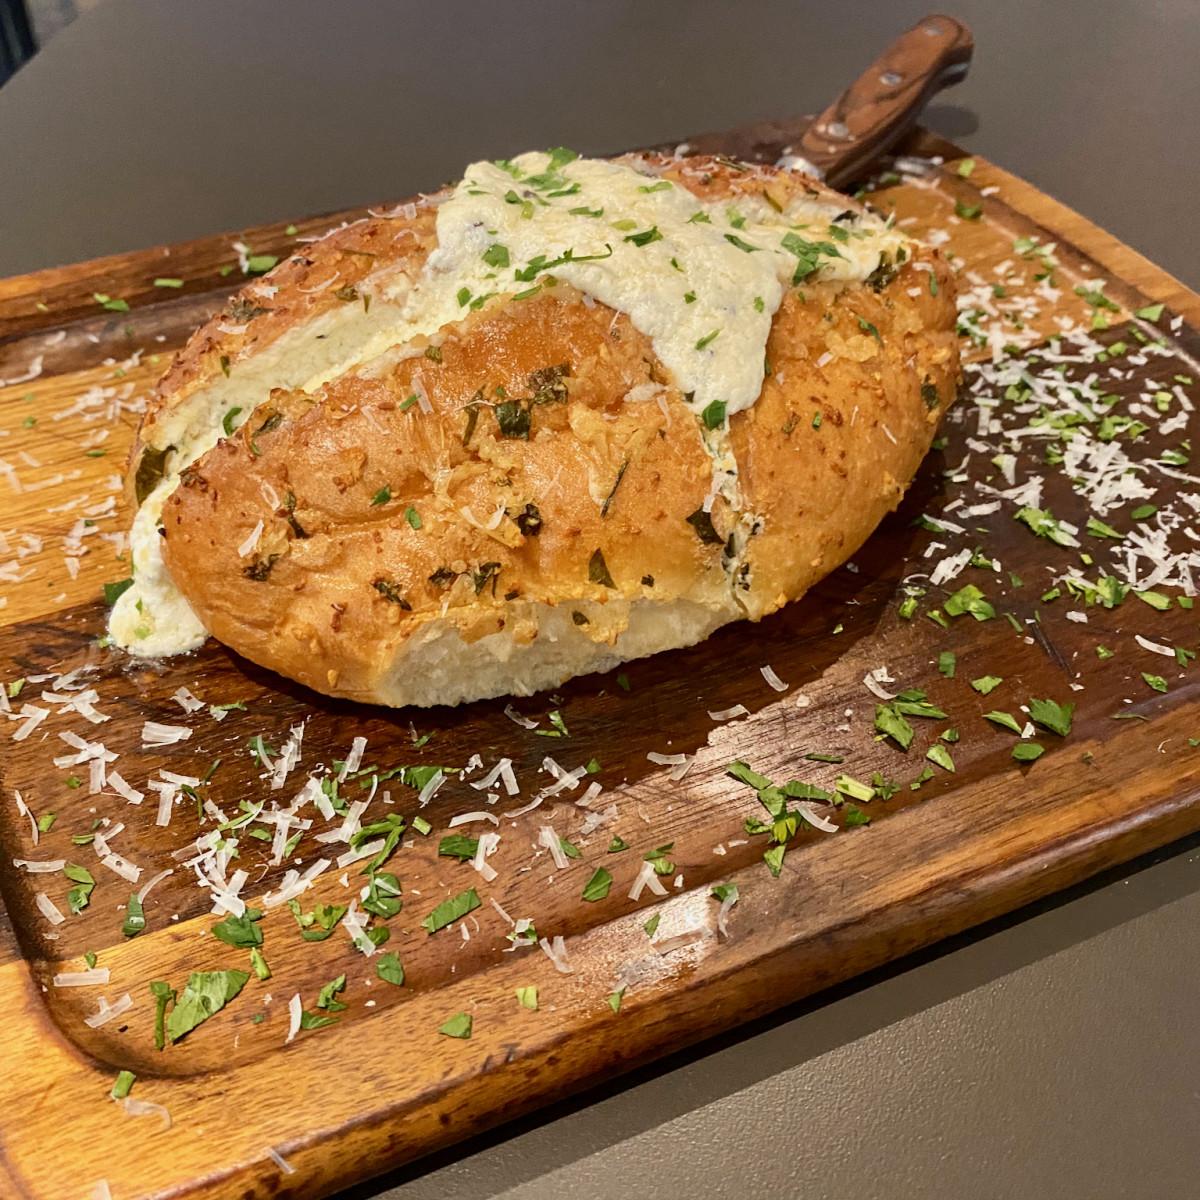 Dak & Bop garlic bread